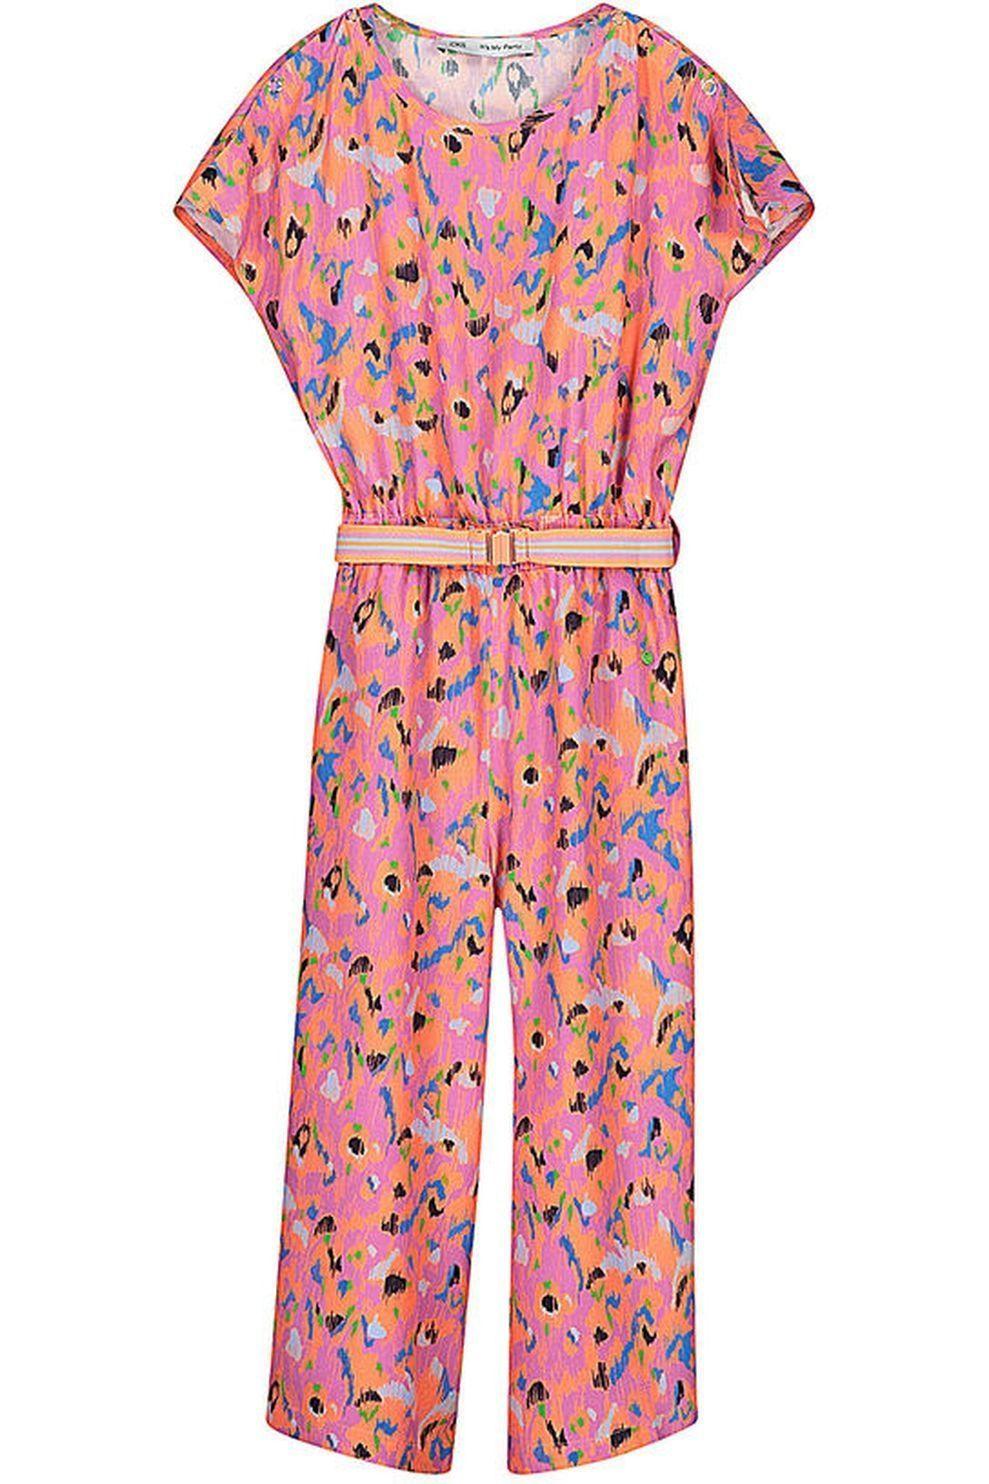 CKS Kids Jumpsuit Gardena voor meisjes - Roze/ Gemengd - Maten: 128, 140, 152, 164